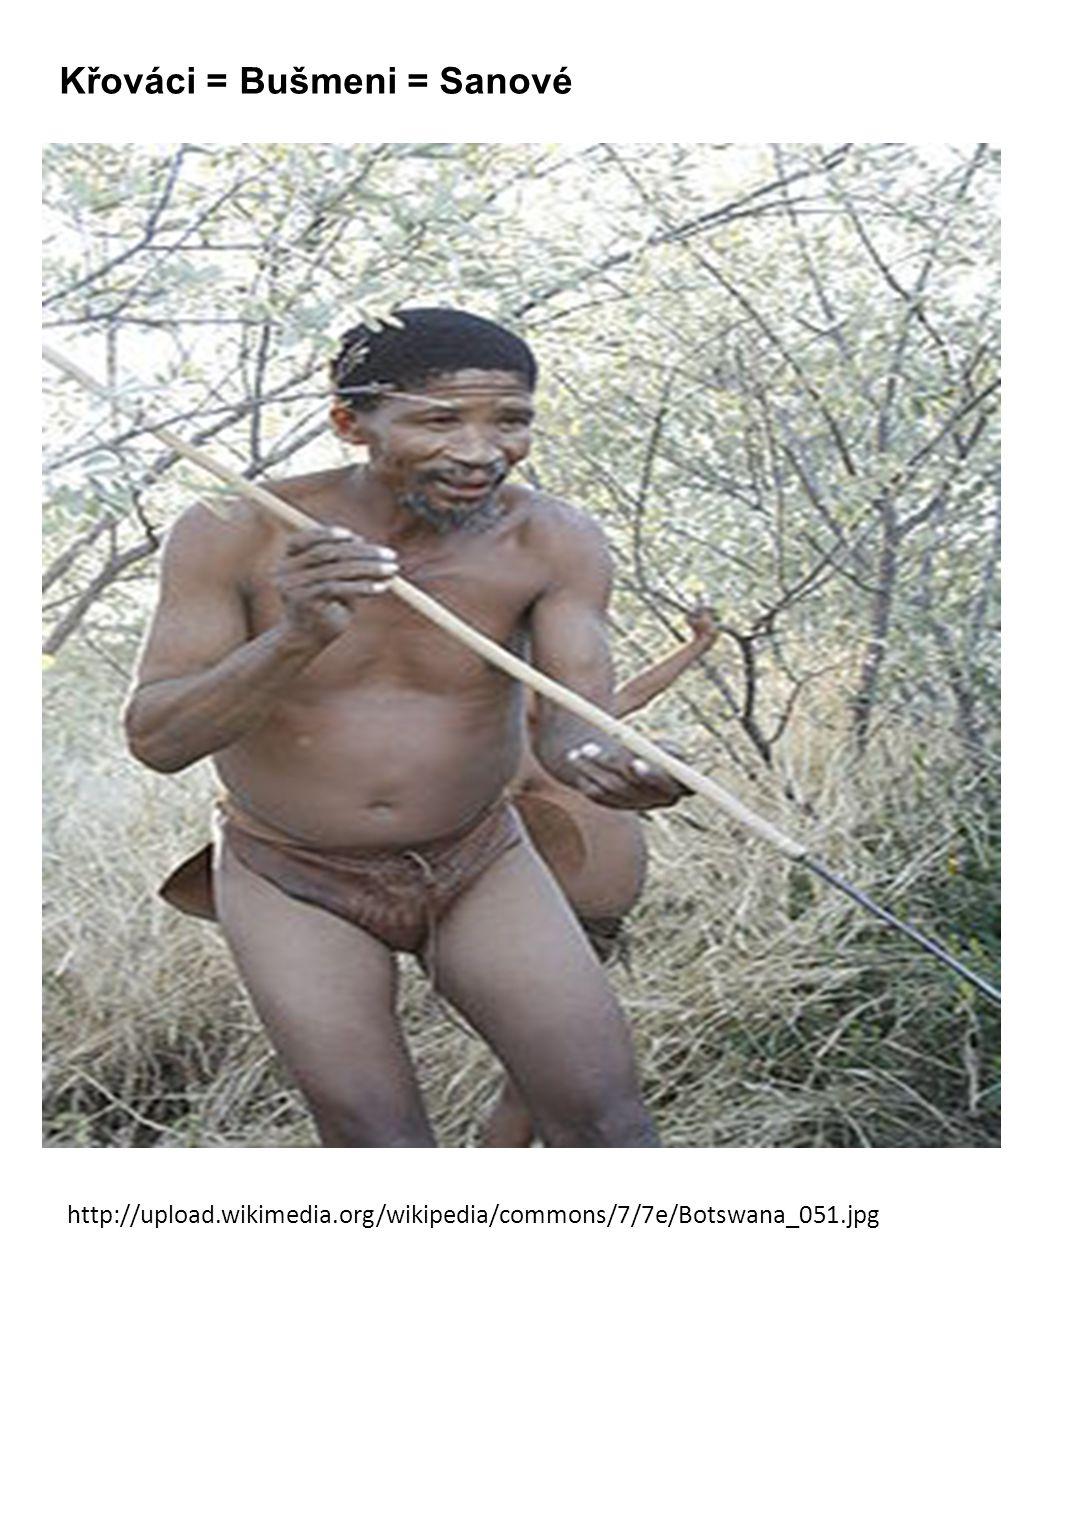 Křováci = Bušmeni = Sanové http://upload.wikimedia.org/wikipedia/commons/7/7e/Botswana_051.jpg